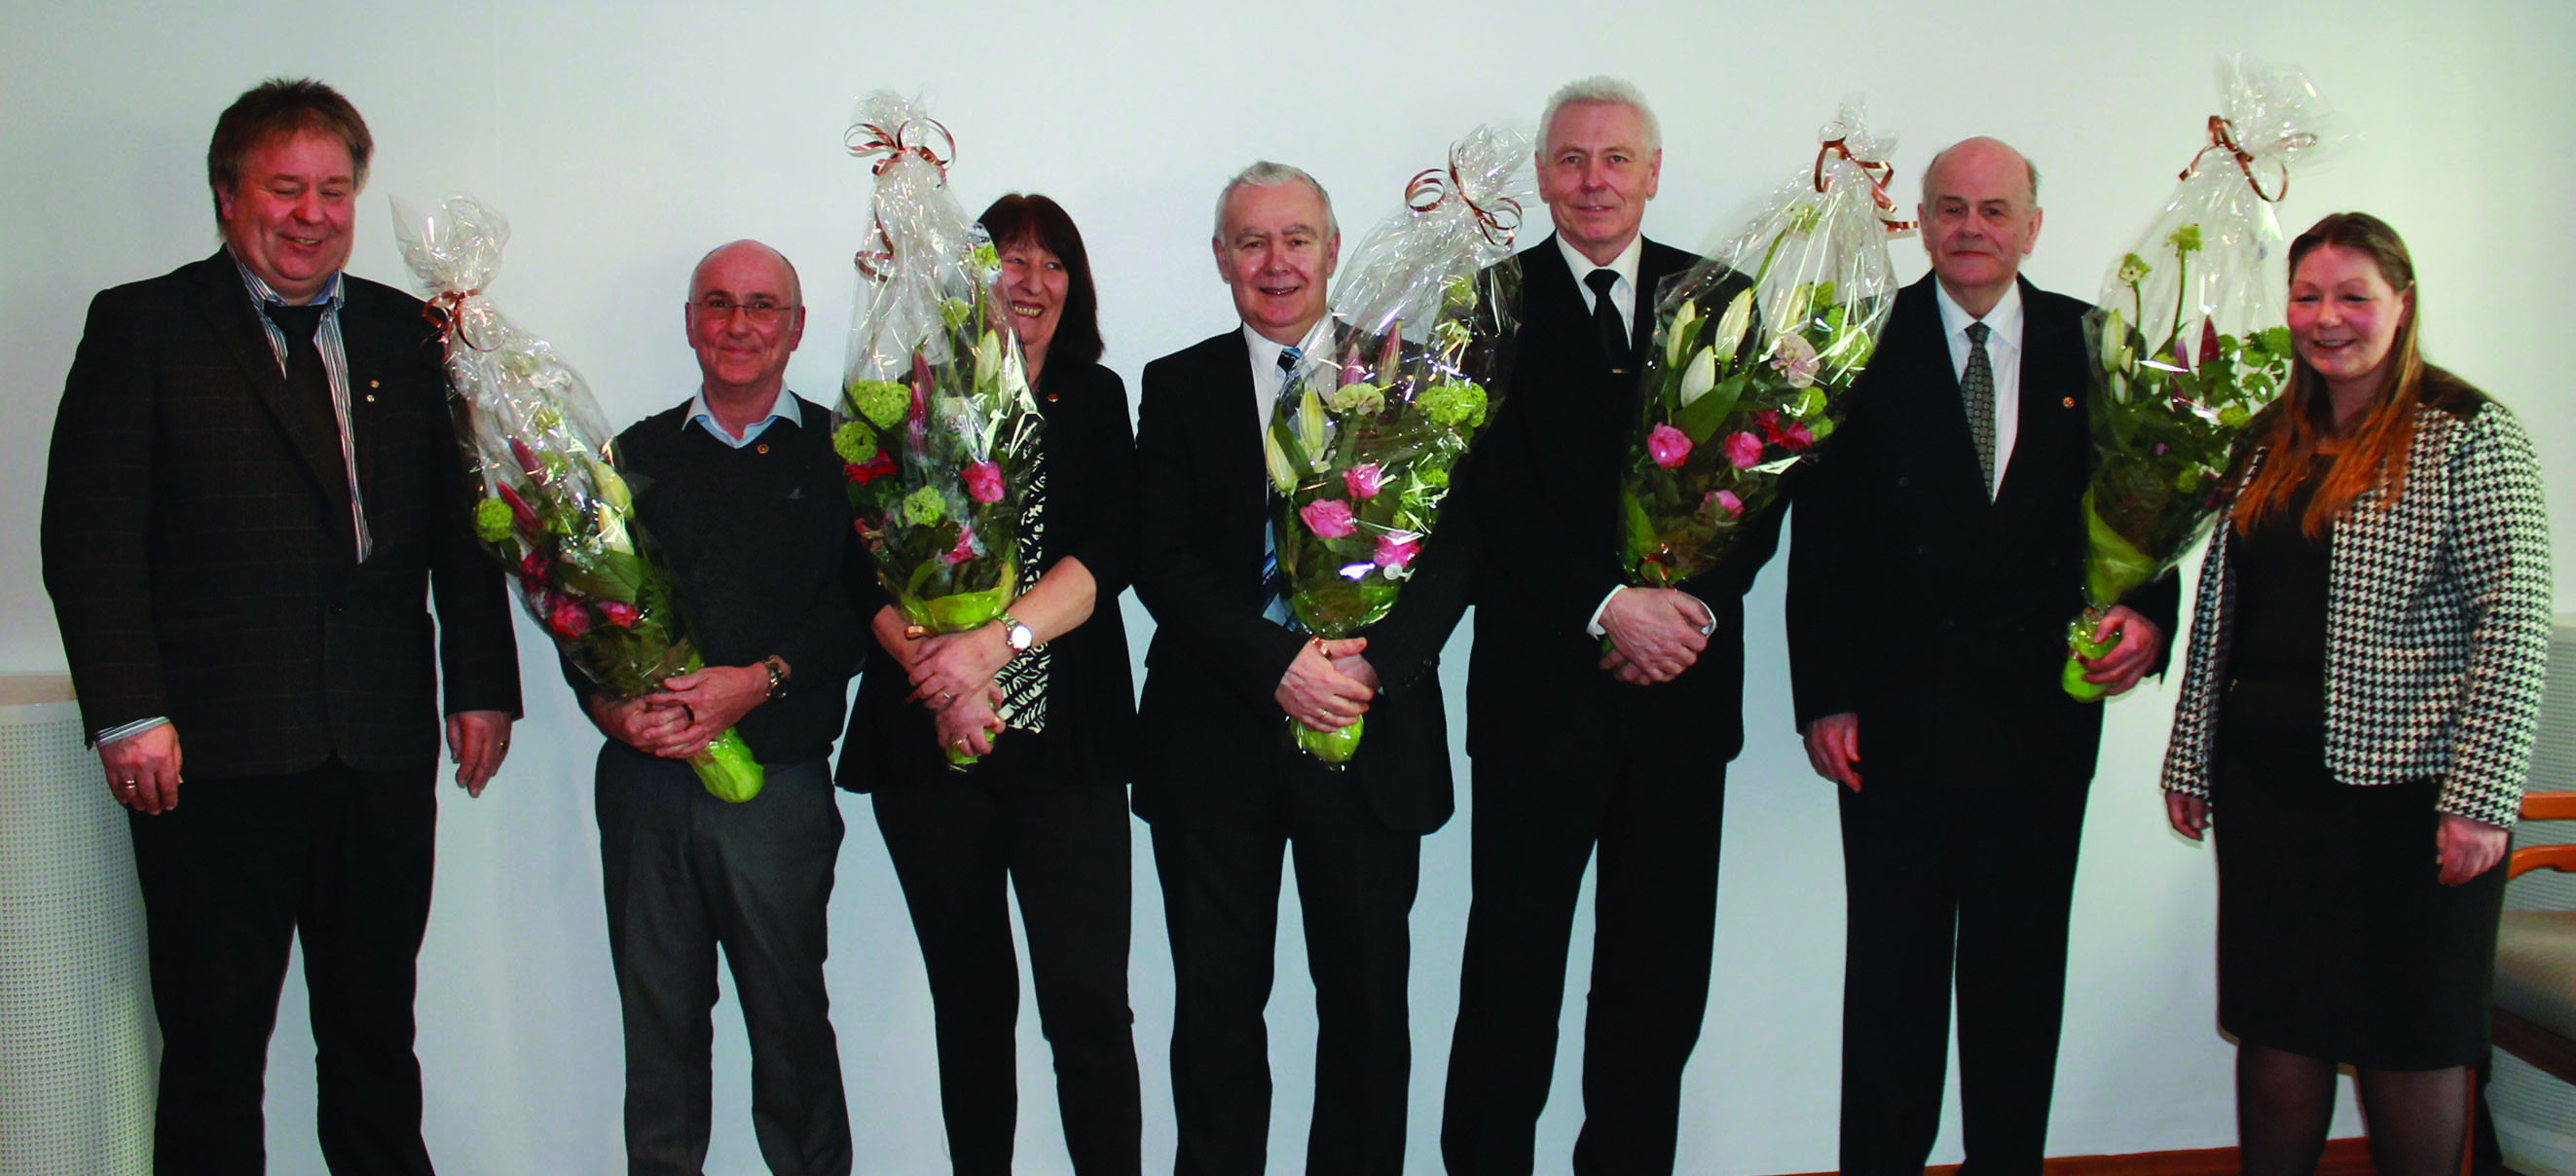 Fra venstre: Geir Olsen, 40 års jubilanter Tor Solberg, Kari Vabø, Svein Bjarne Jakobsen, Kjell Reinert Mjøs, Oddmund Kvale og leder Eirin Bratland